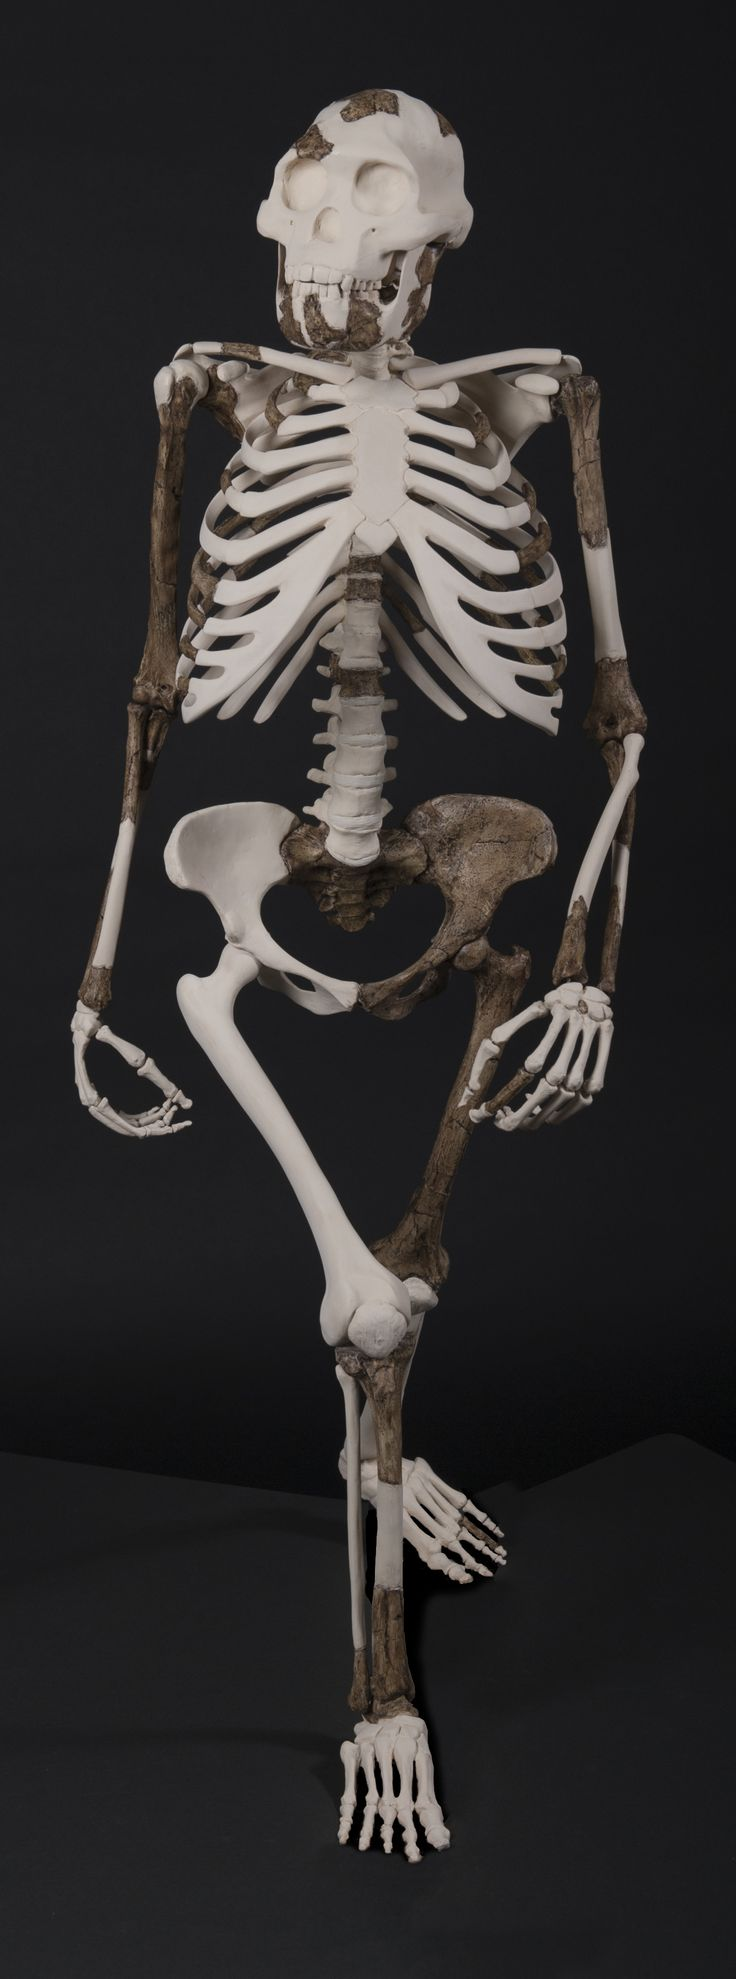 an analysis of the nature and history of the bonono chimpanzee Der bonobo [boˈnoːbo] oder zwergschimpanse (pan paniscus) ist eine primatenart aus der familie der menschenaffen (hominidae) gemeinsam mit seiner schwesterart, dem gemeinen schimpansen, bildet er die gattung der schimpansen (pan.